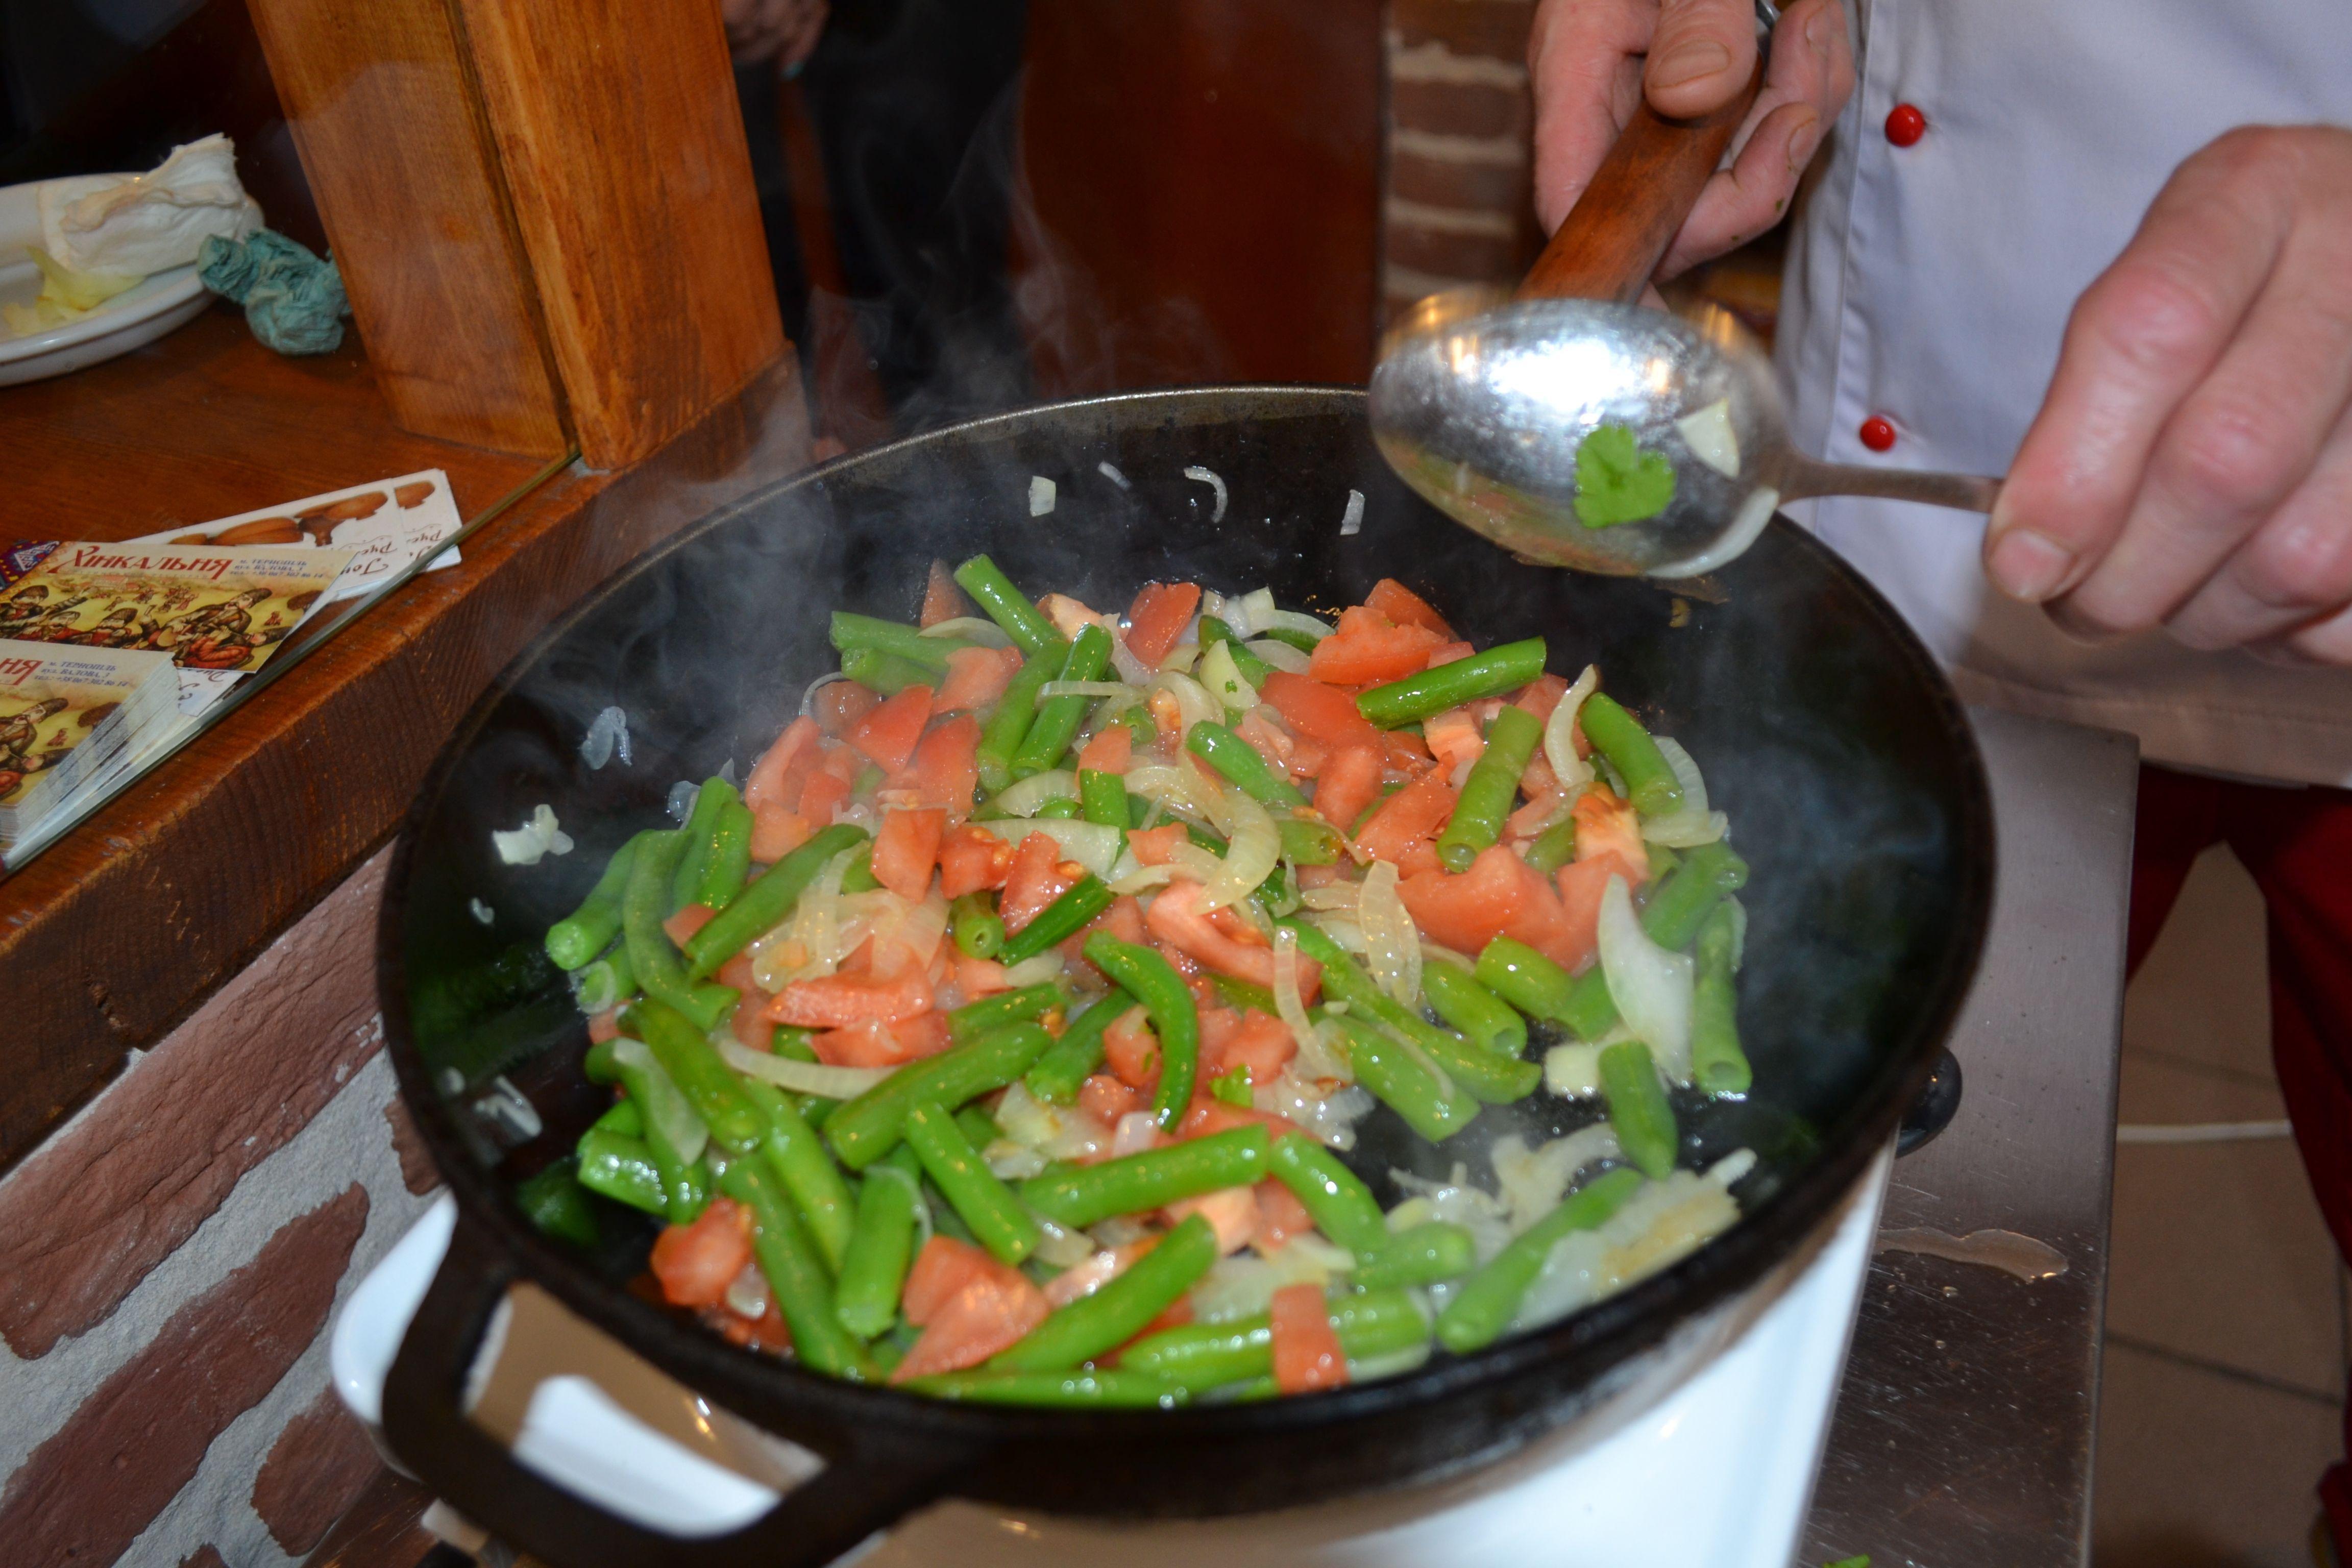 До тушкованої квасолі додати помідор, спеції і подрібнену кінзу